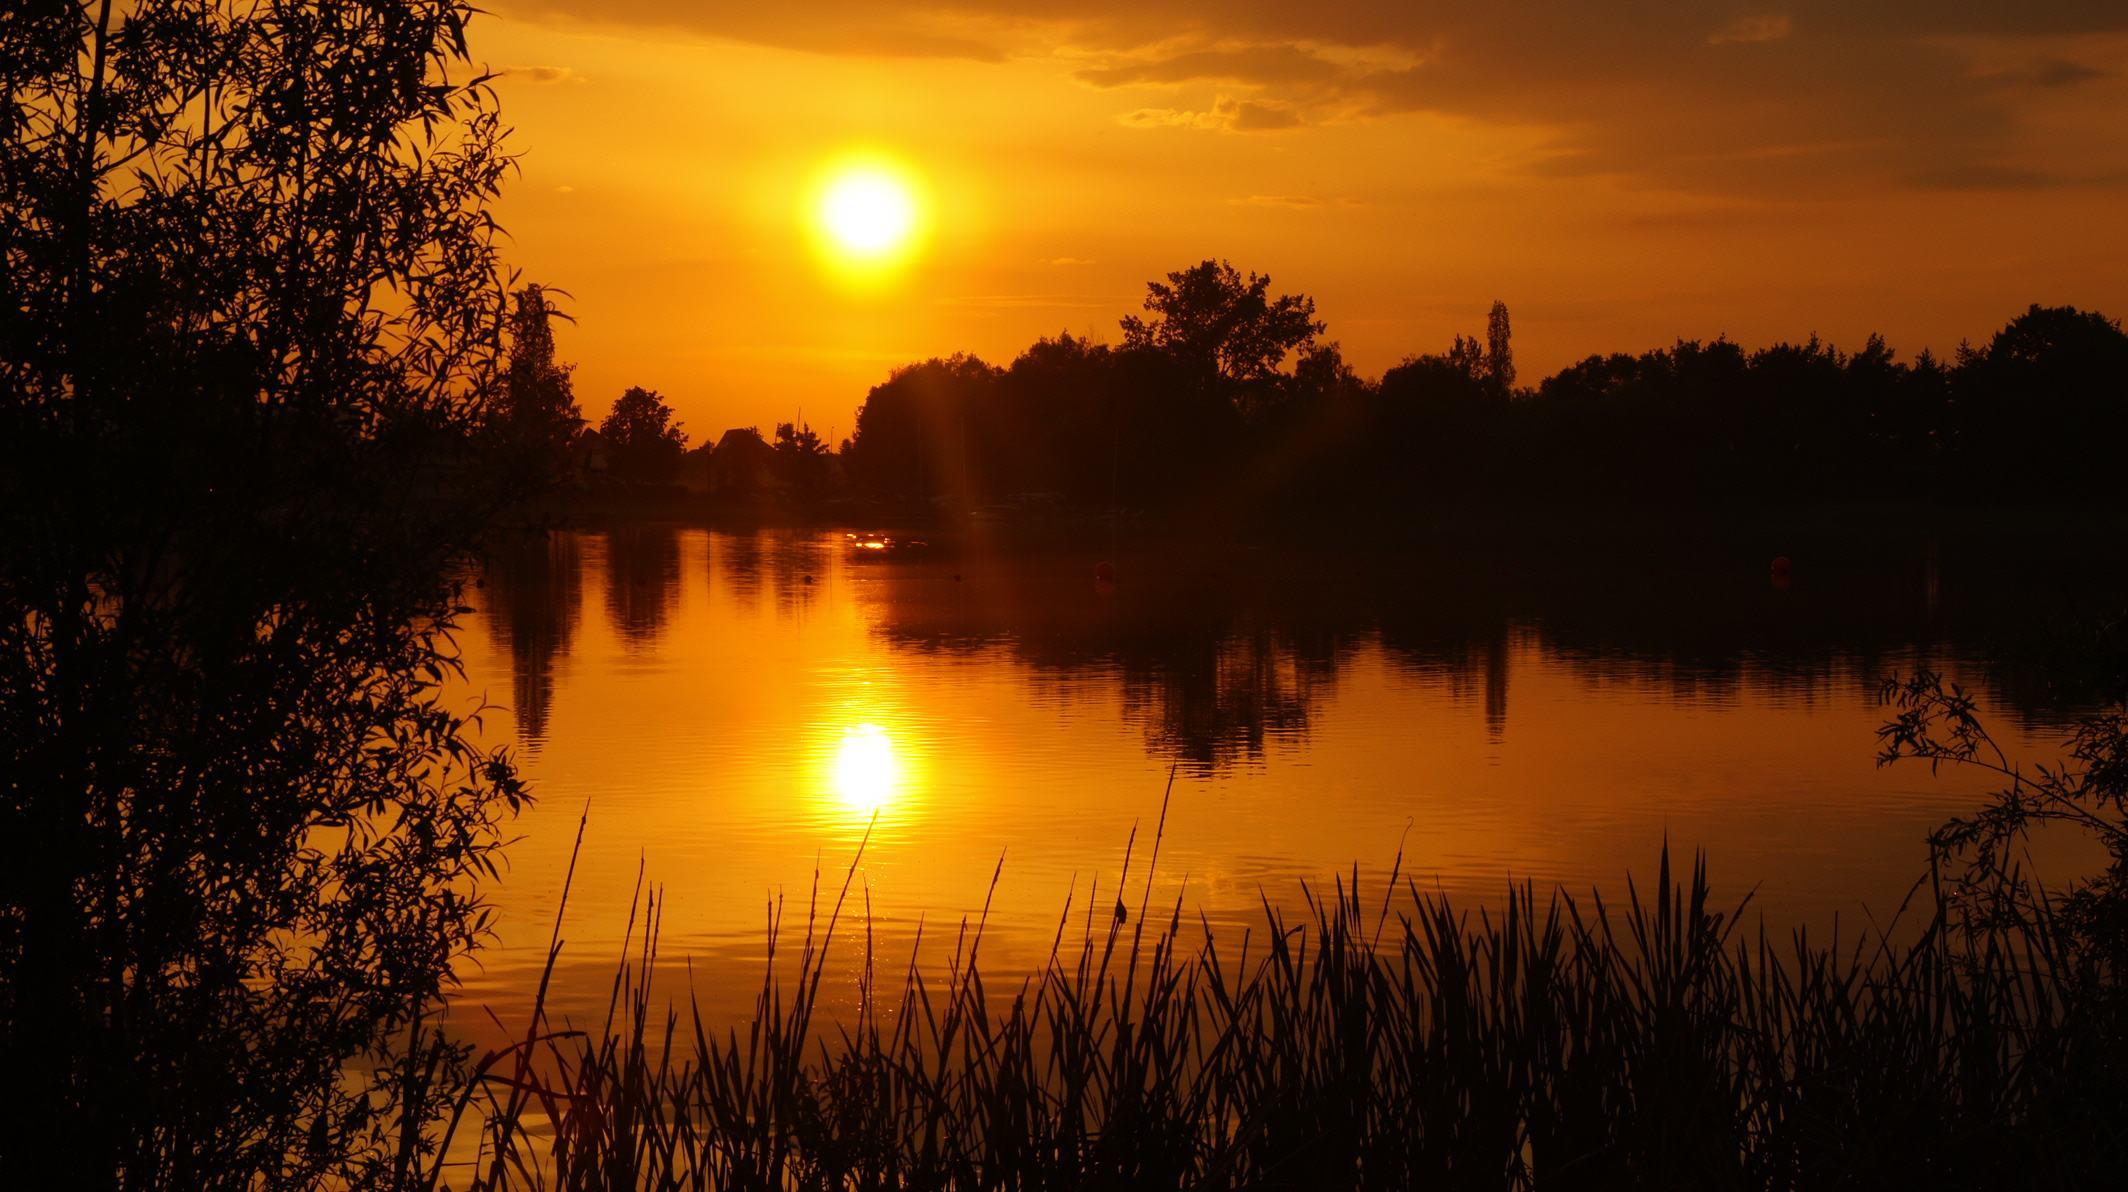 как фотографировать закаты и рассветы больше